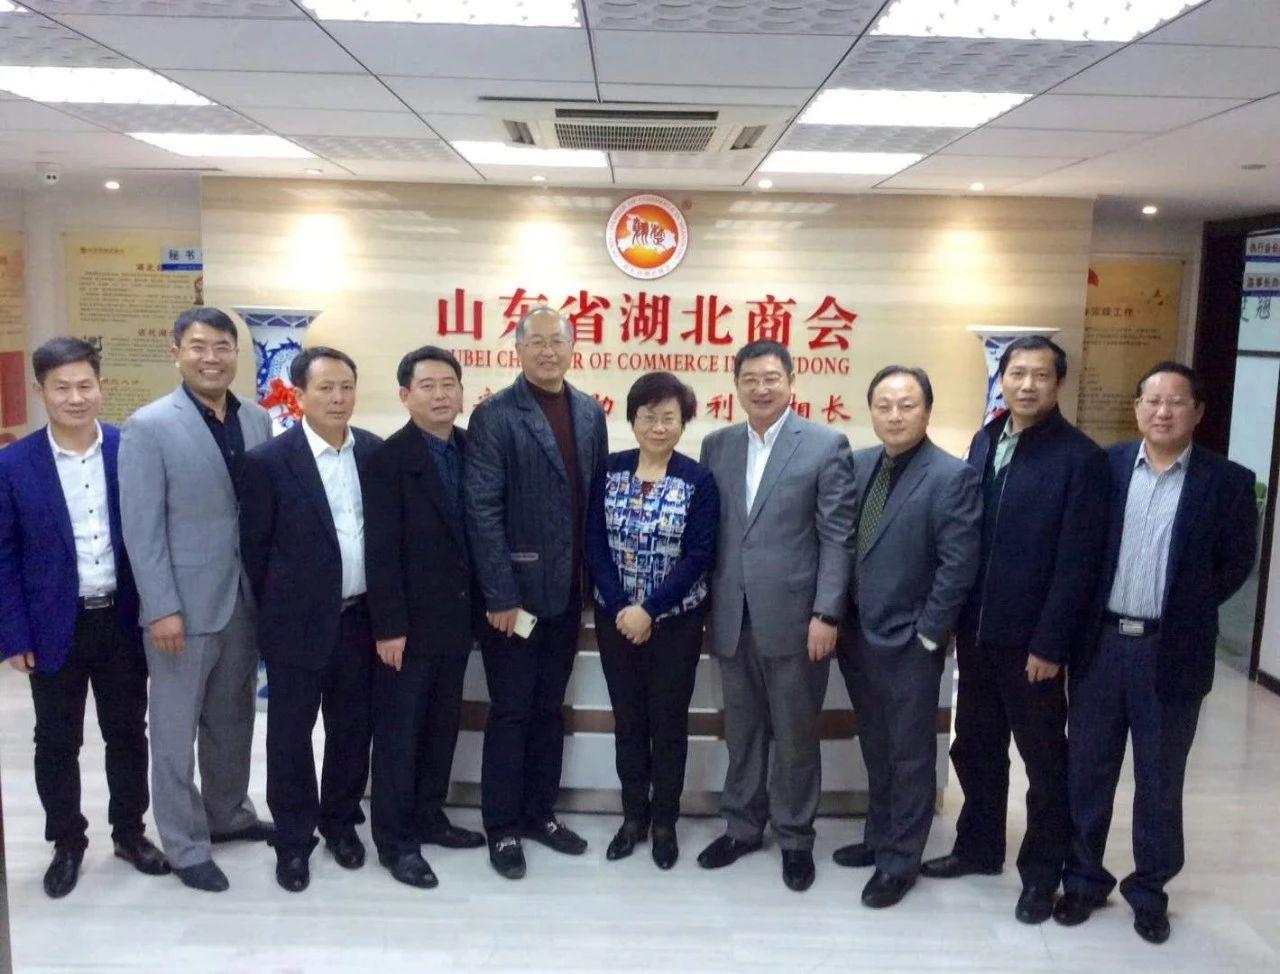 湖北省工商联刘顺妮主席莅临山东省湖北商会视察指导工作